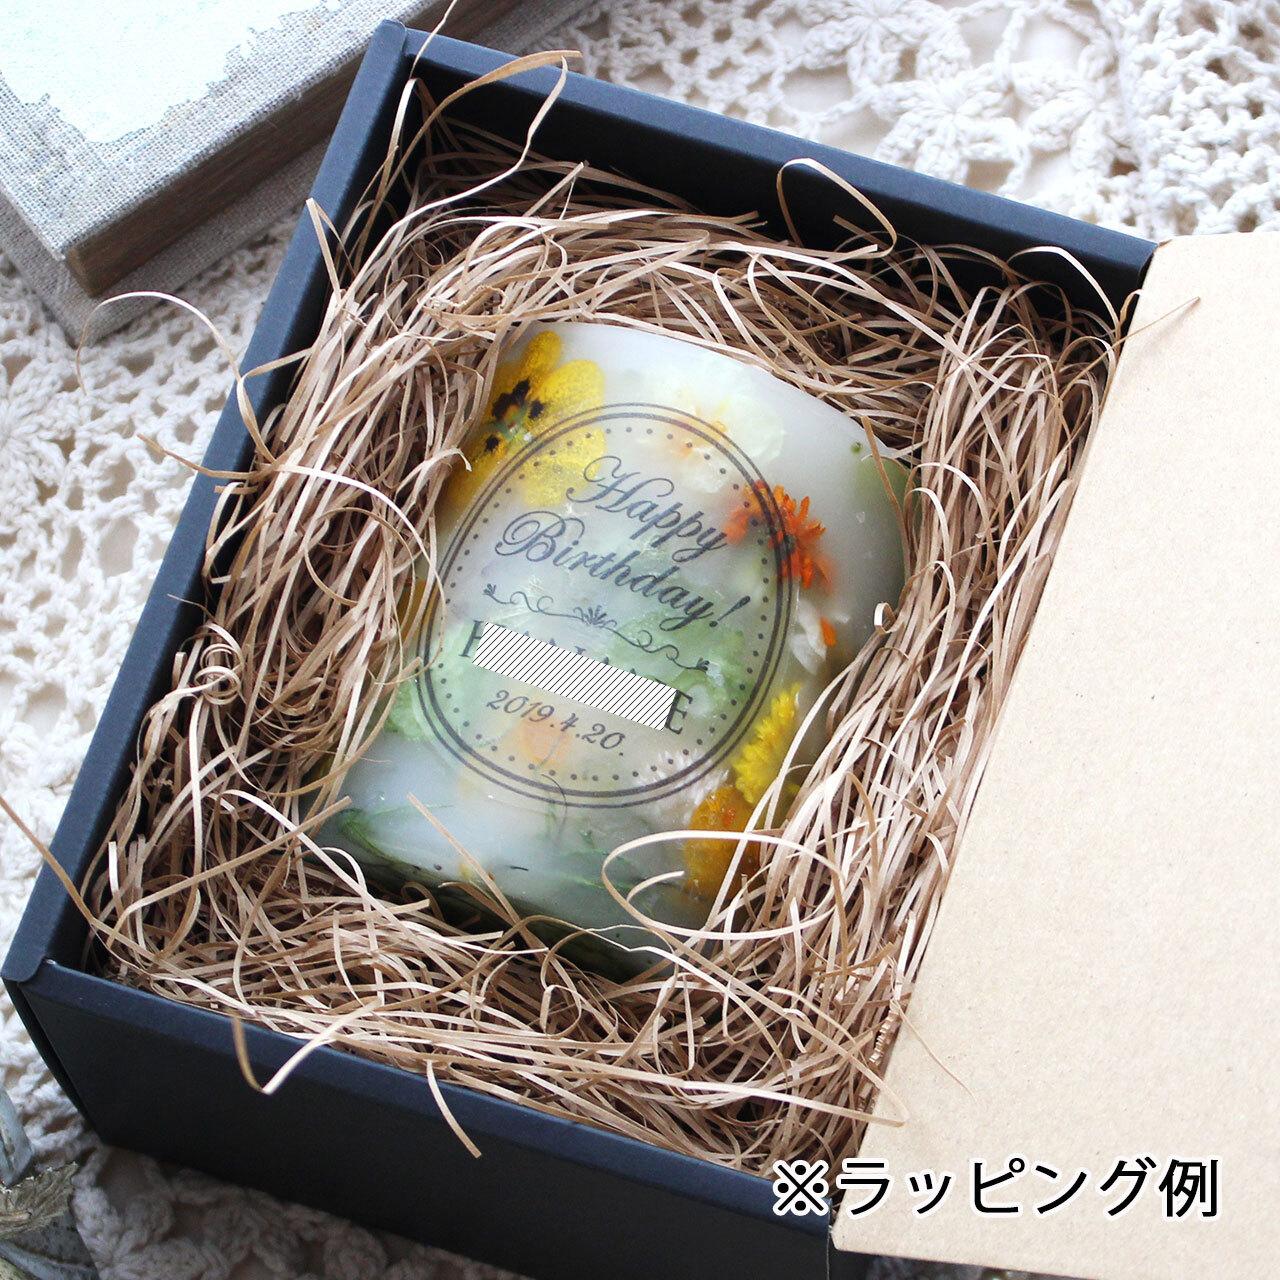 NC297 ギフトラッピング付き☆メッセージ&日付&名入れボタニカルキャンドル ローズ